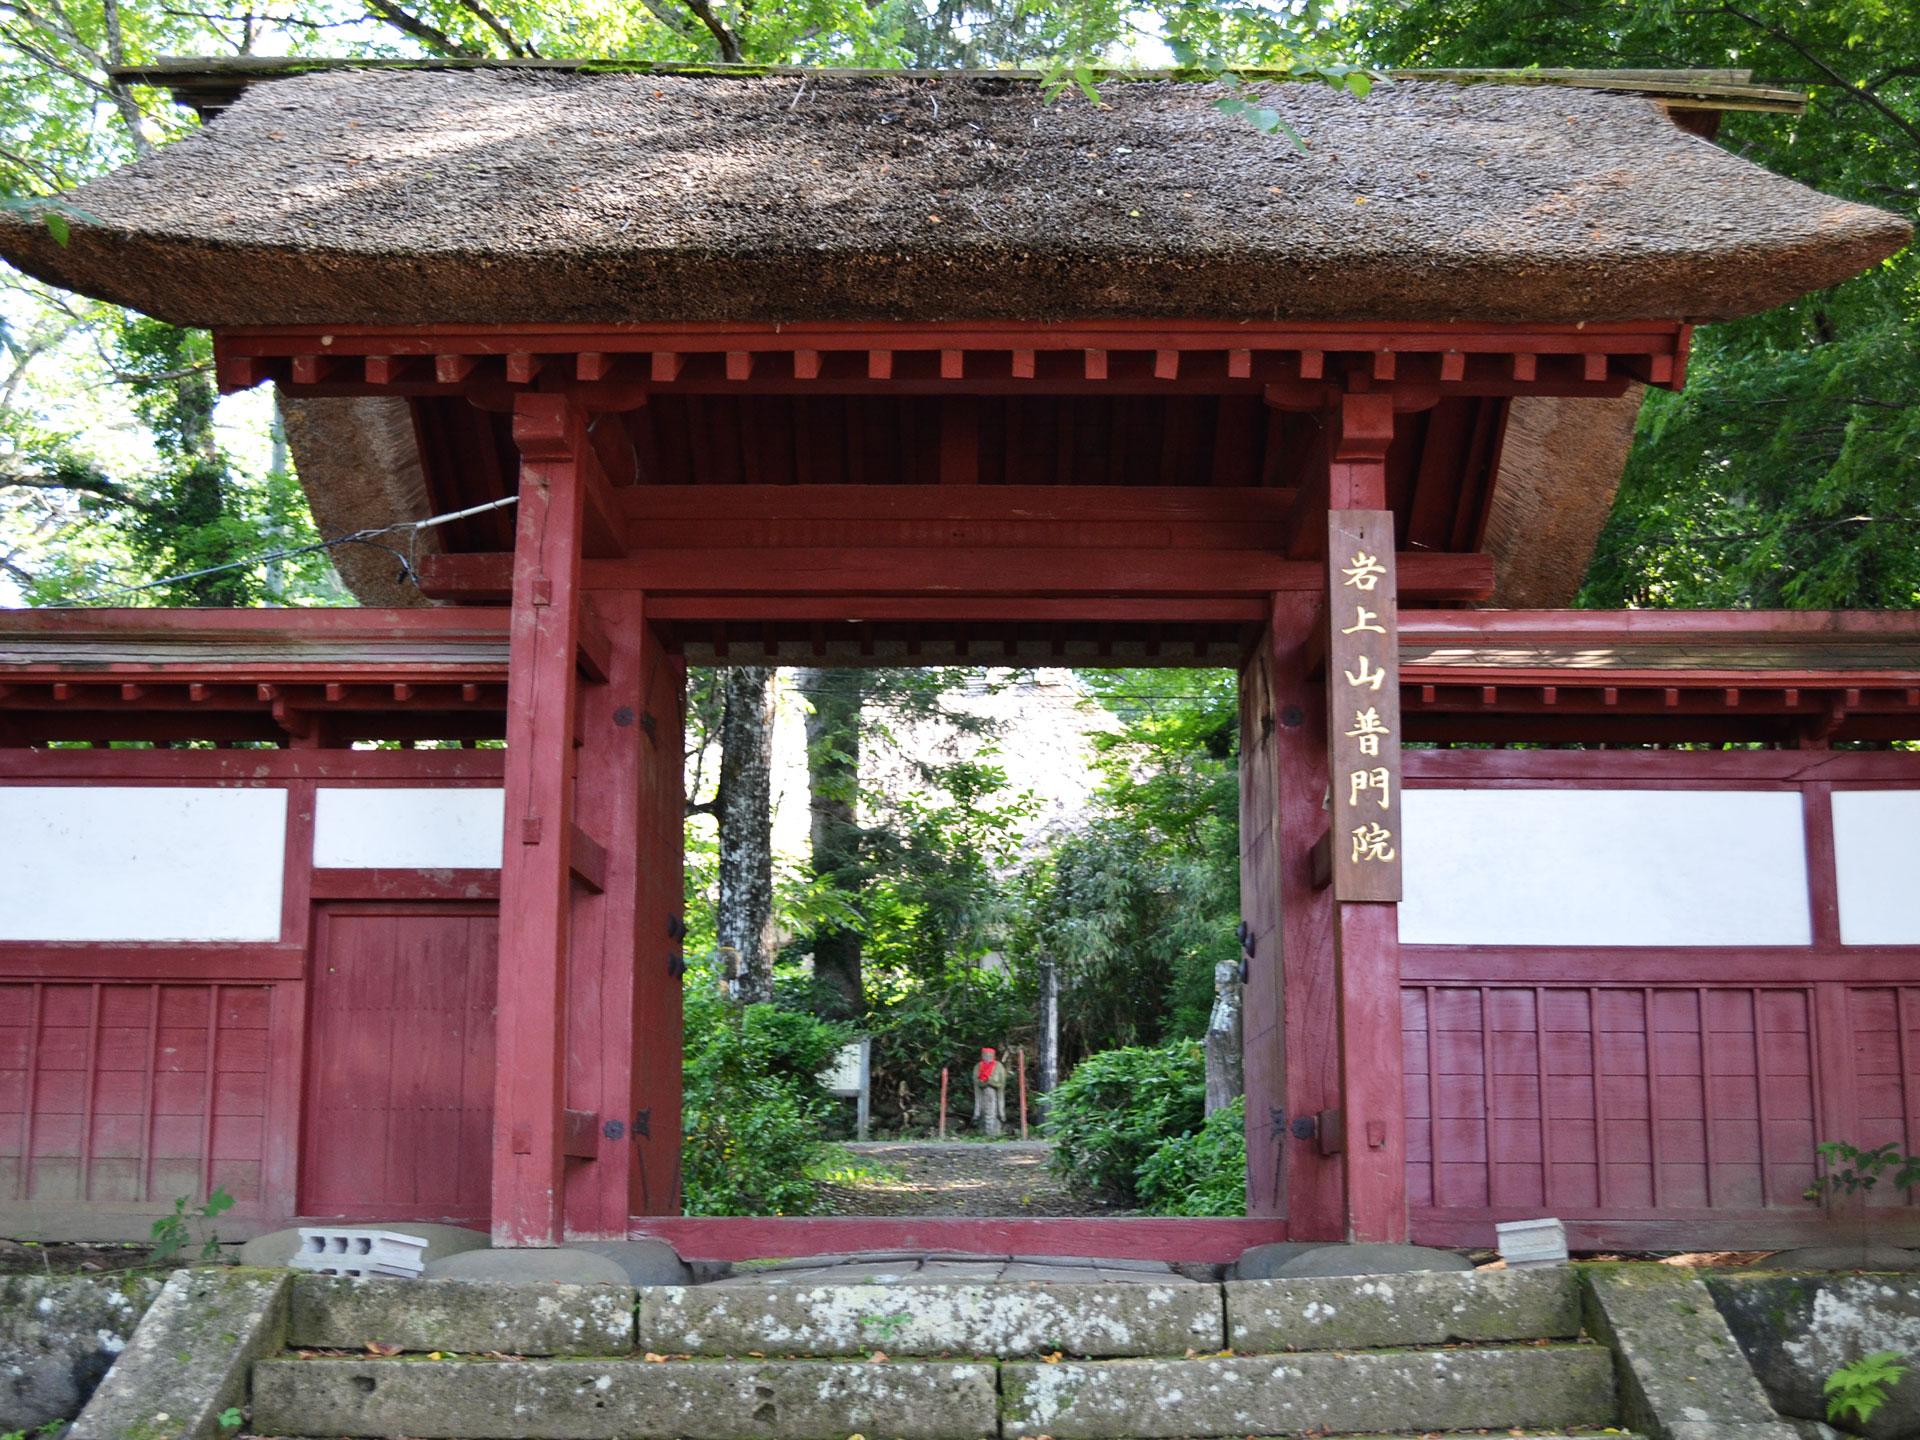 上杉鷹山公が恩師である細井平州先生が三度目の米沢来訪に際し城外遠く6km余の羽黒堂まで迎えに出向き <br />普門院にご案内し休憩をとって労を慰められたという敬師の美談として有名な寺院です